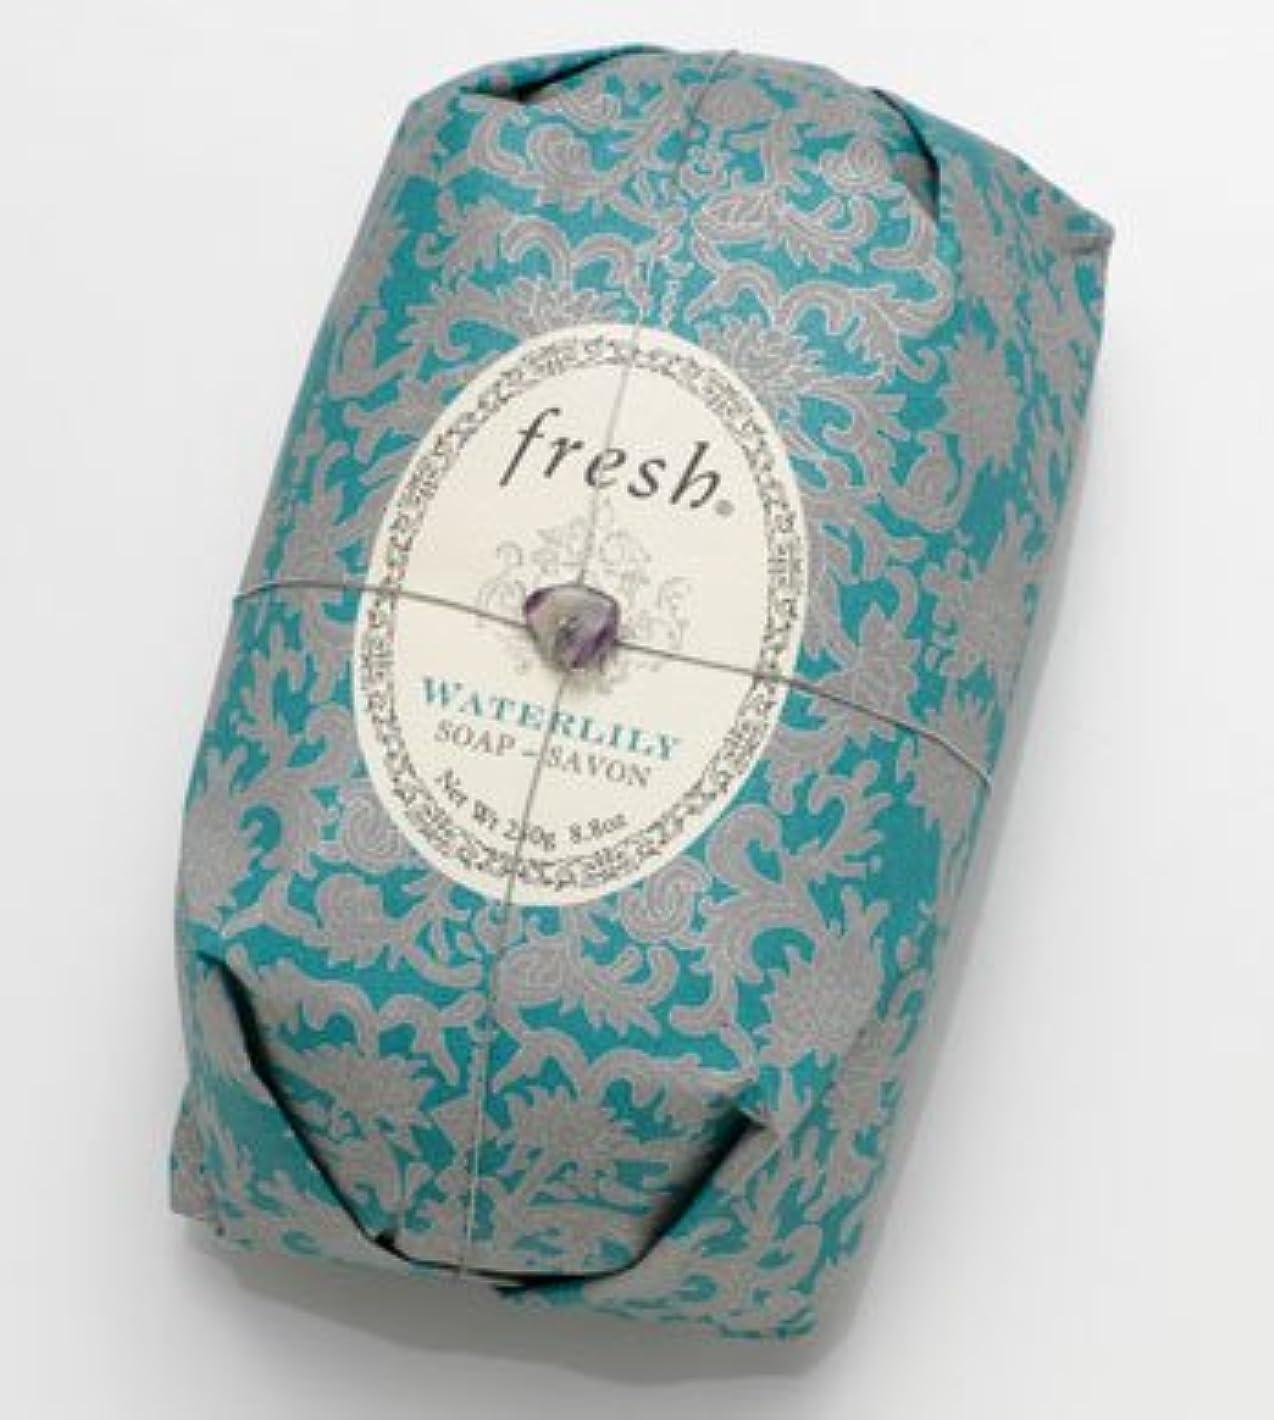 見落とすネット実験的Fresh WATERLILY SOAP (フレッシュ ウオーターリリー ソープ) 8.8 oz (250g) Soap (石鹸) by Fresh